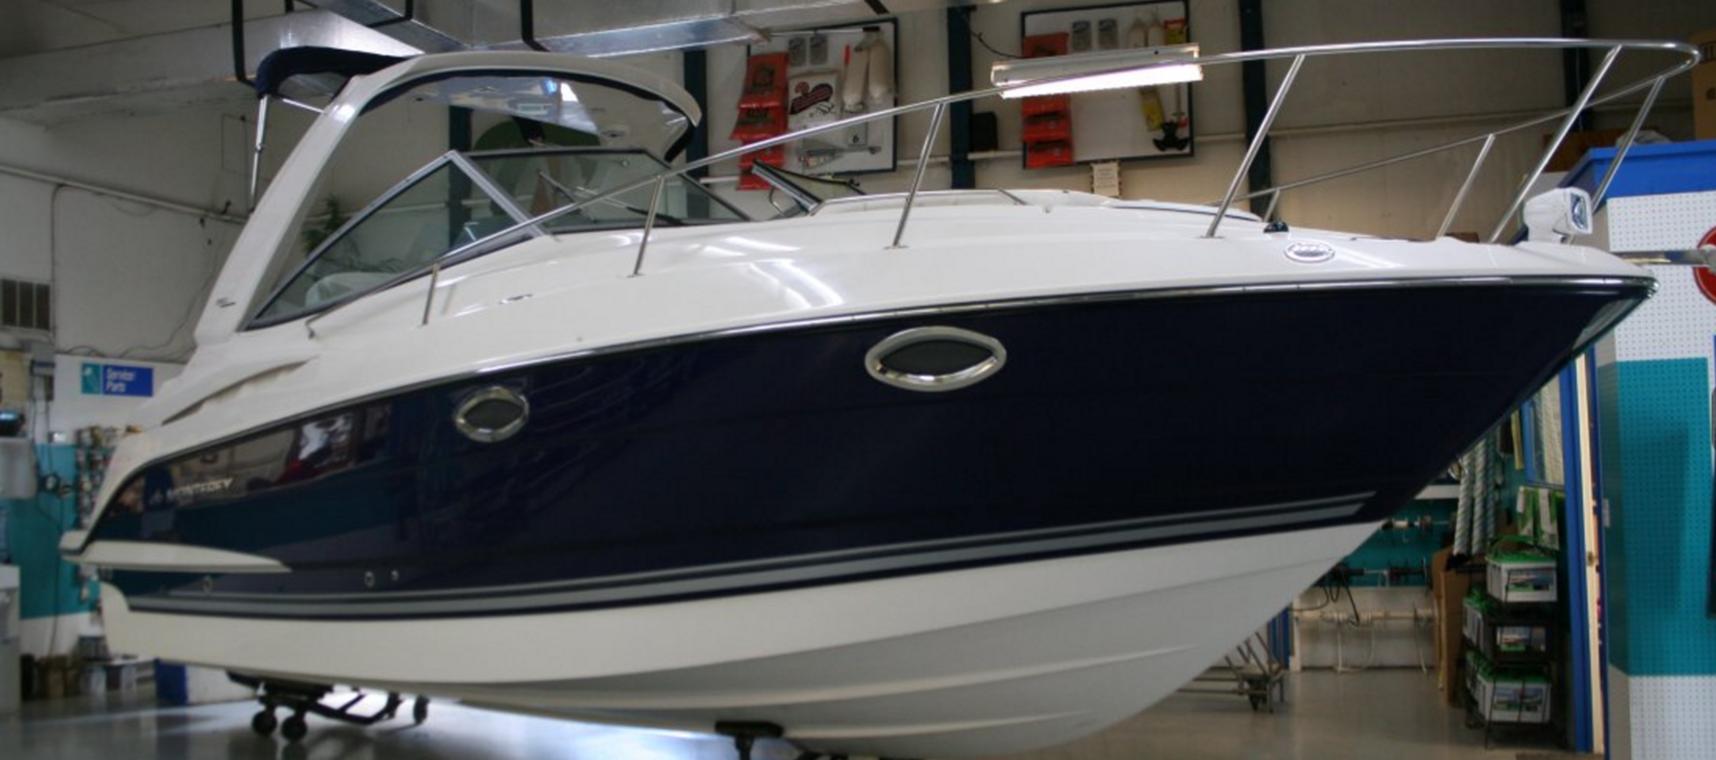 Monterey 280 (295) Sport Yacht